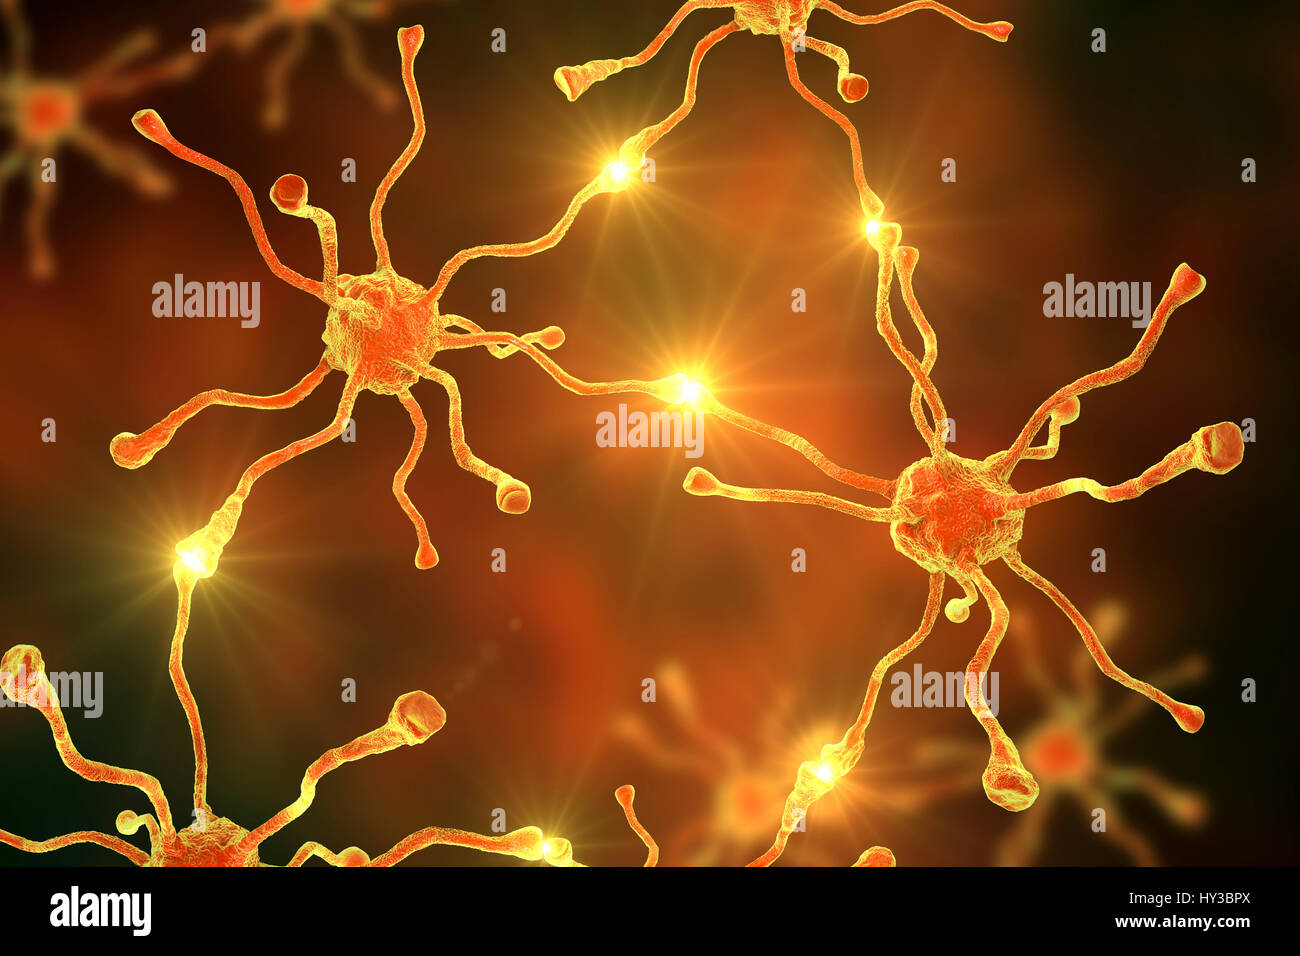 Las células nerviosas, o neuronas, en el cerebro humano, equipo de ilustración. Imagen De Stock